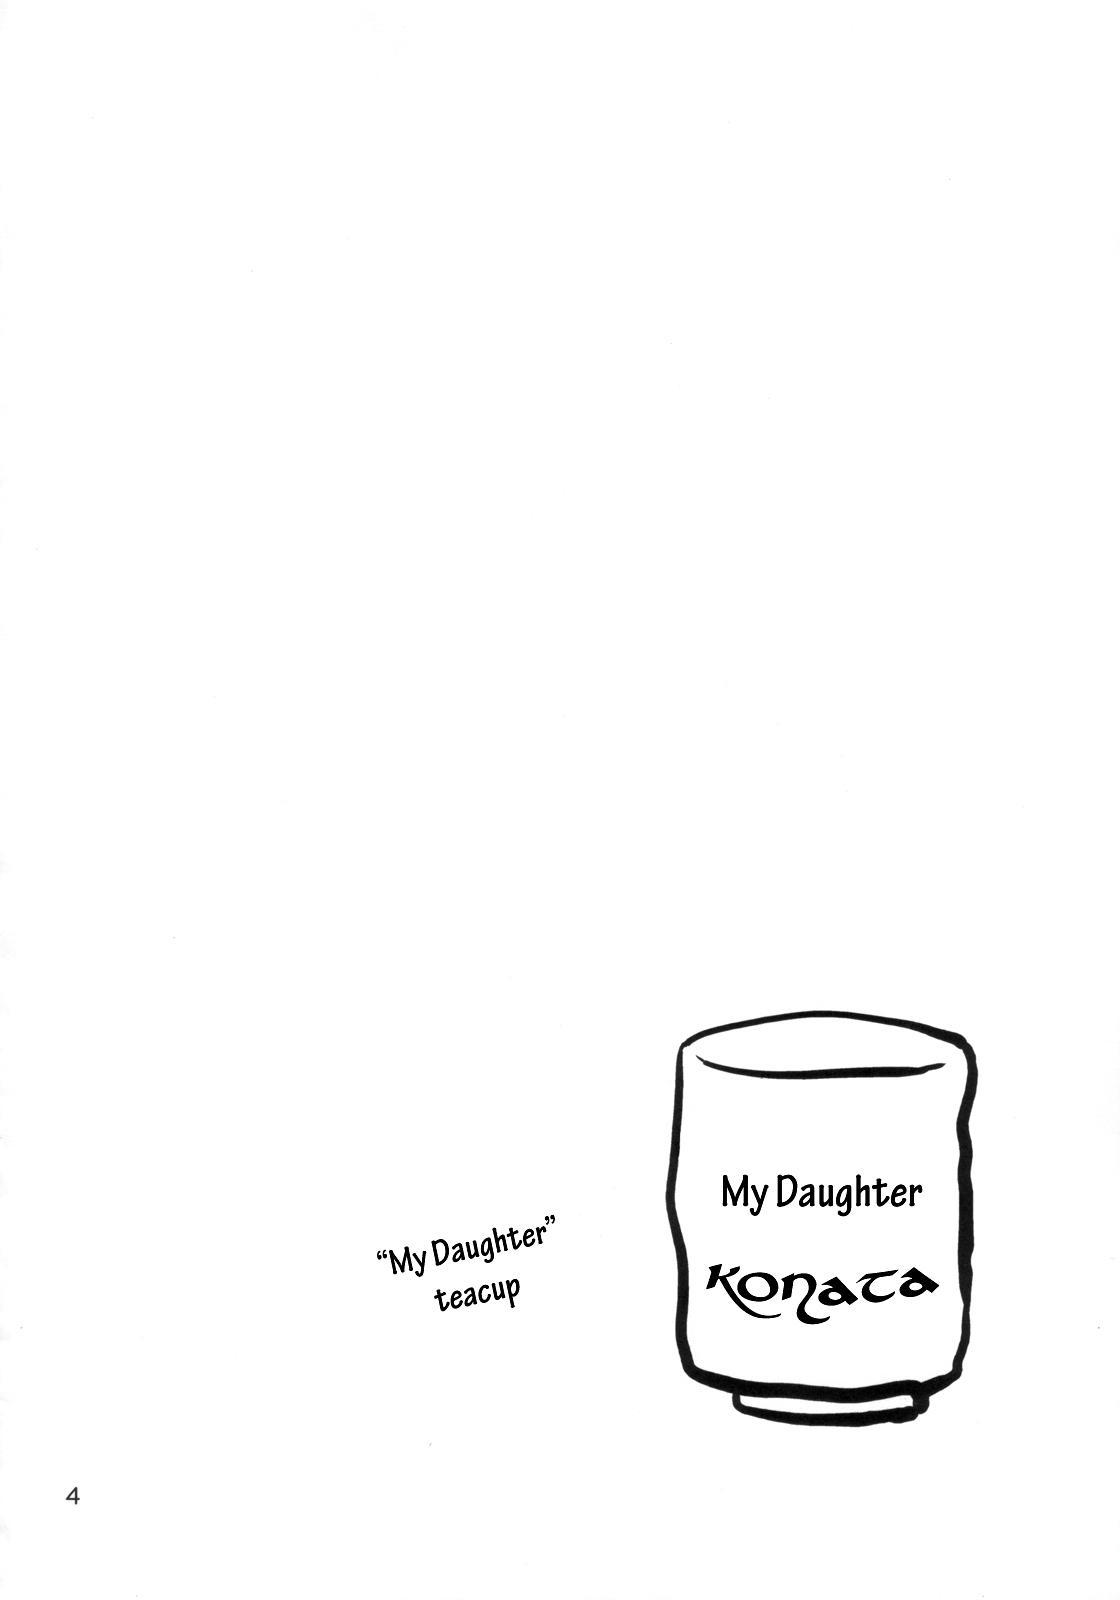 Konata Flavor 2